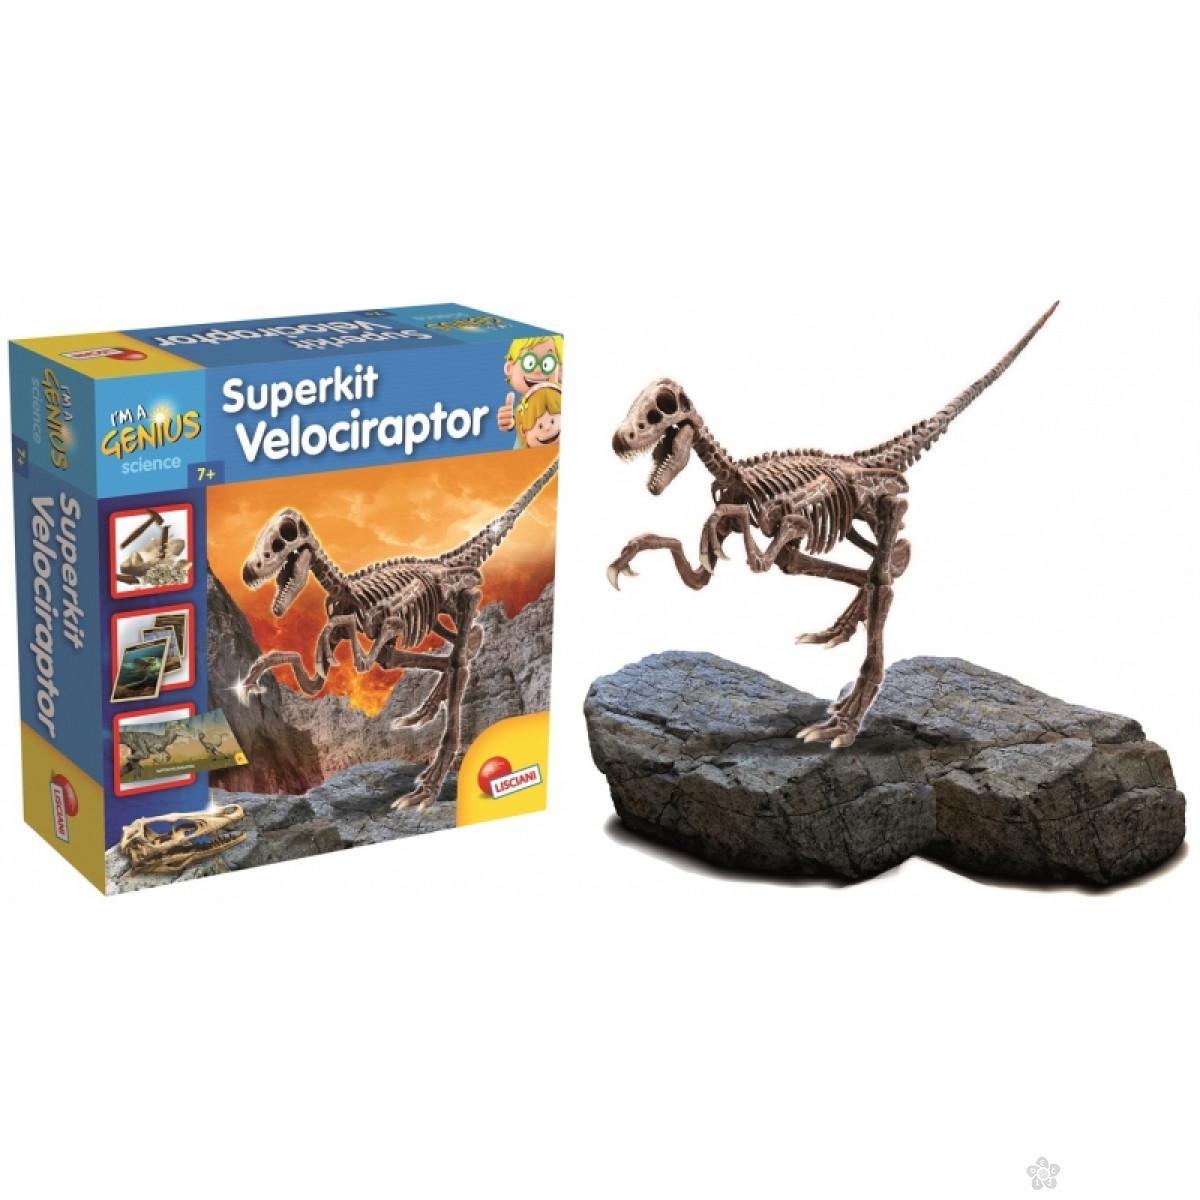 Mali Genije Super Kit Velociraptor 35197